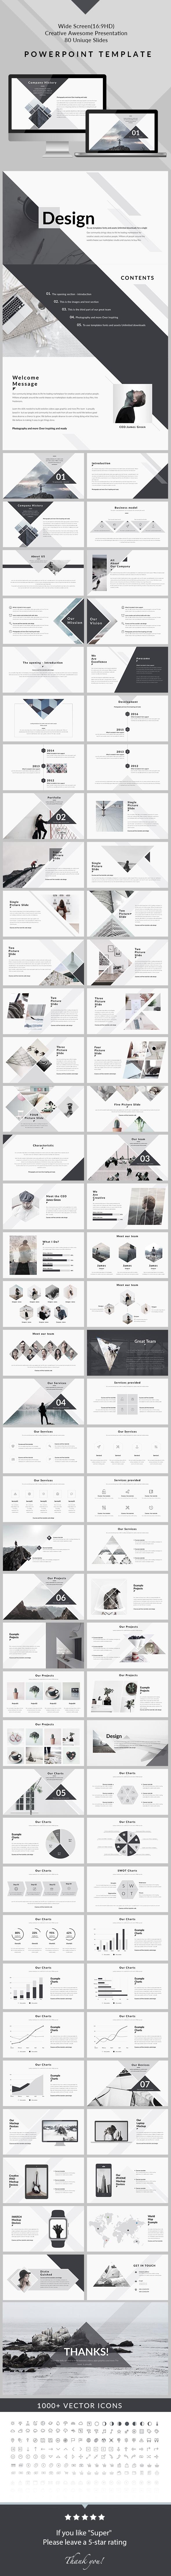 Design - Clean & Creative PowerPoint Presentation